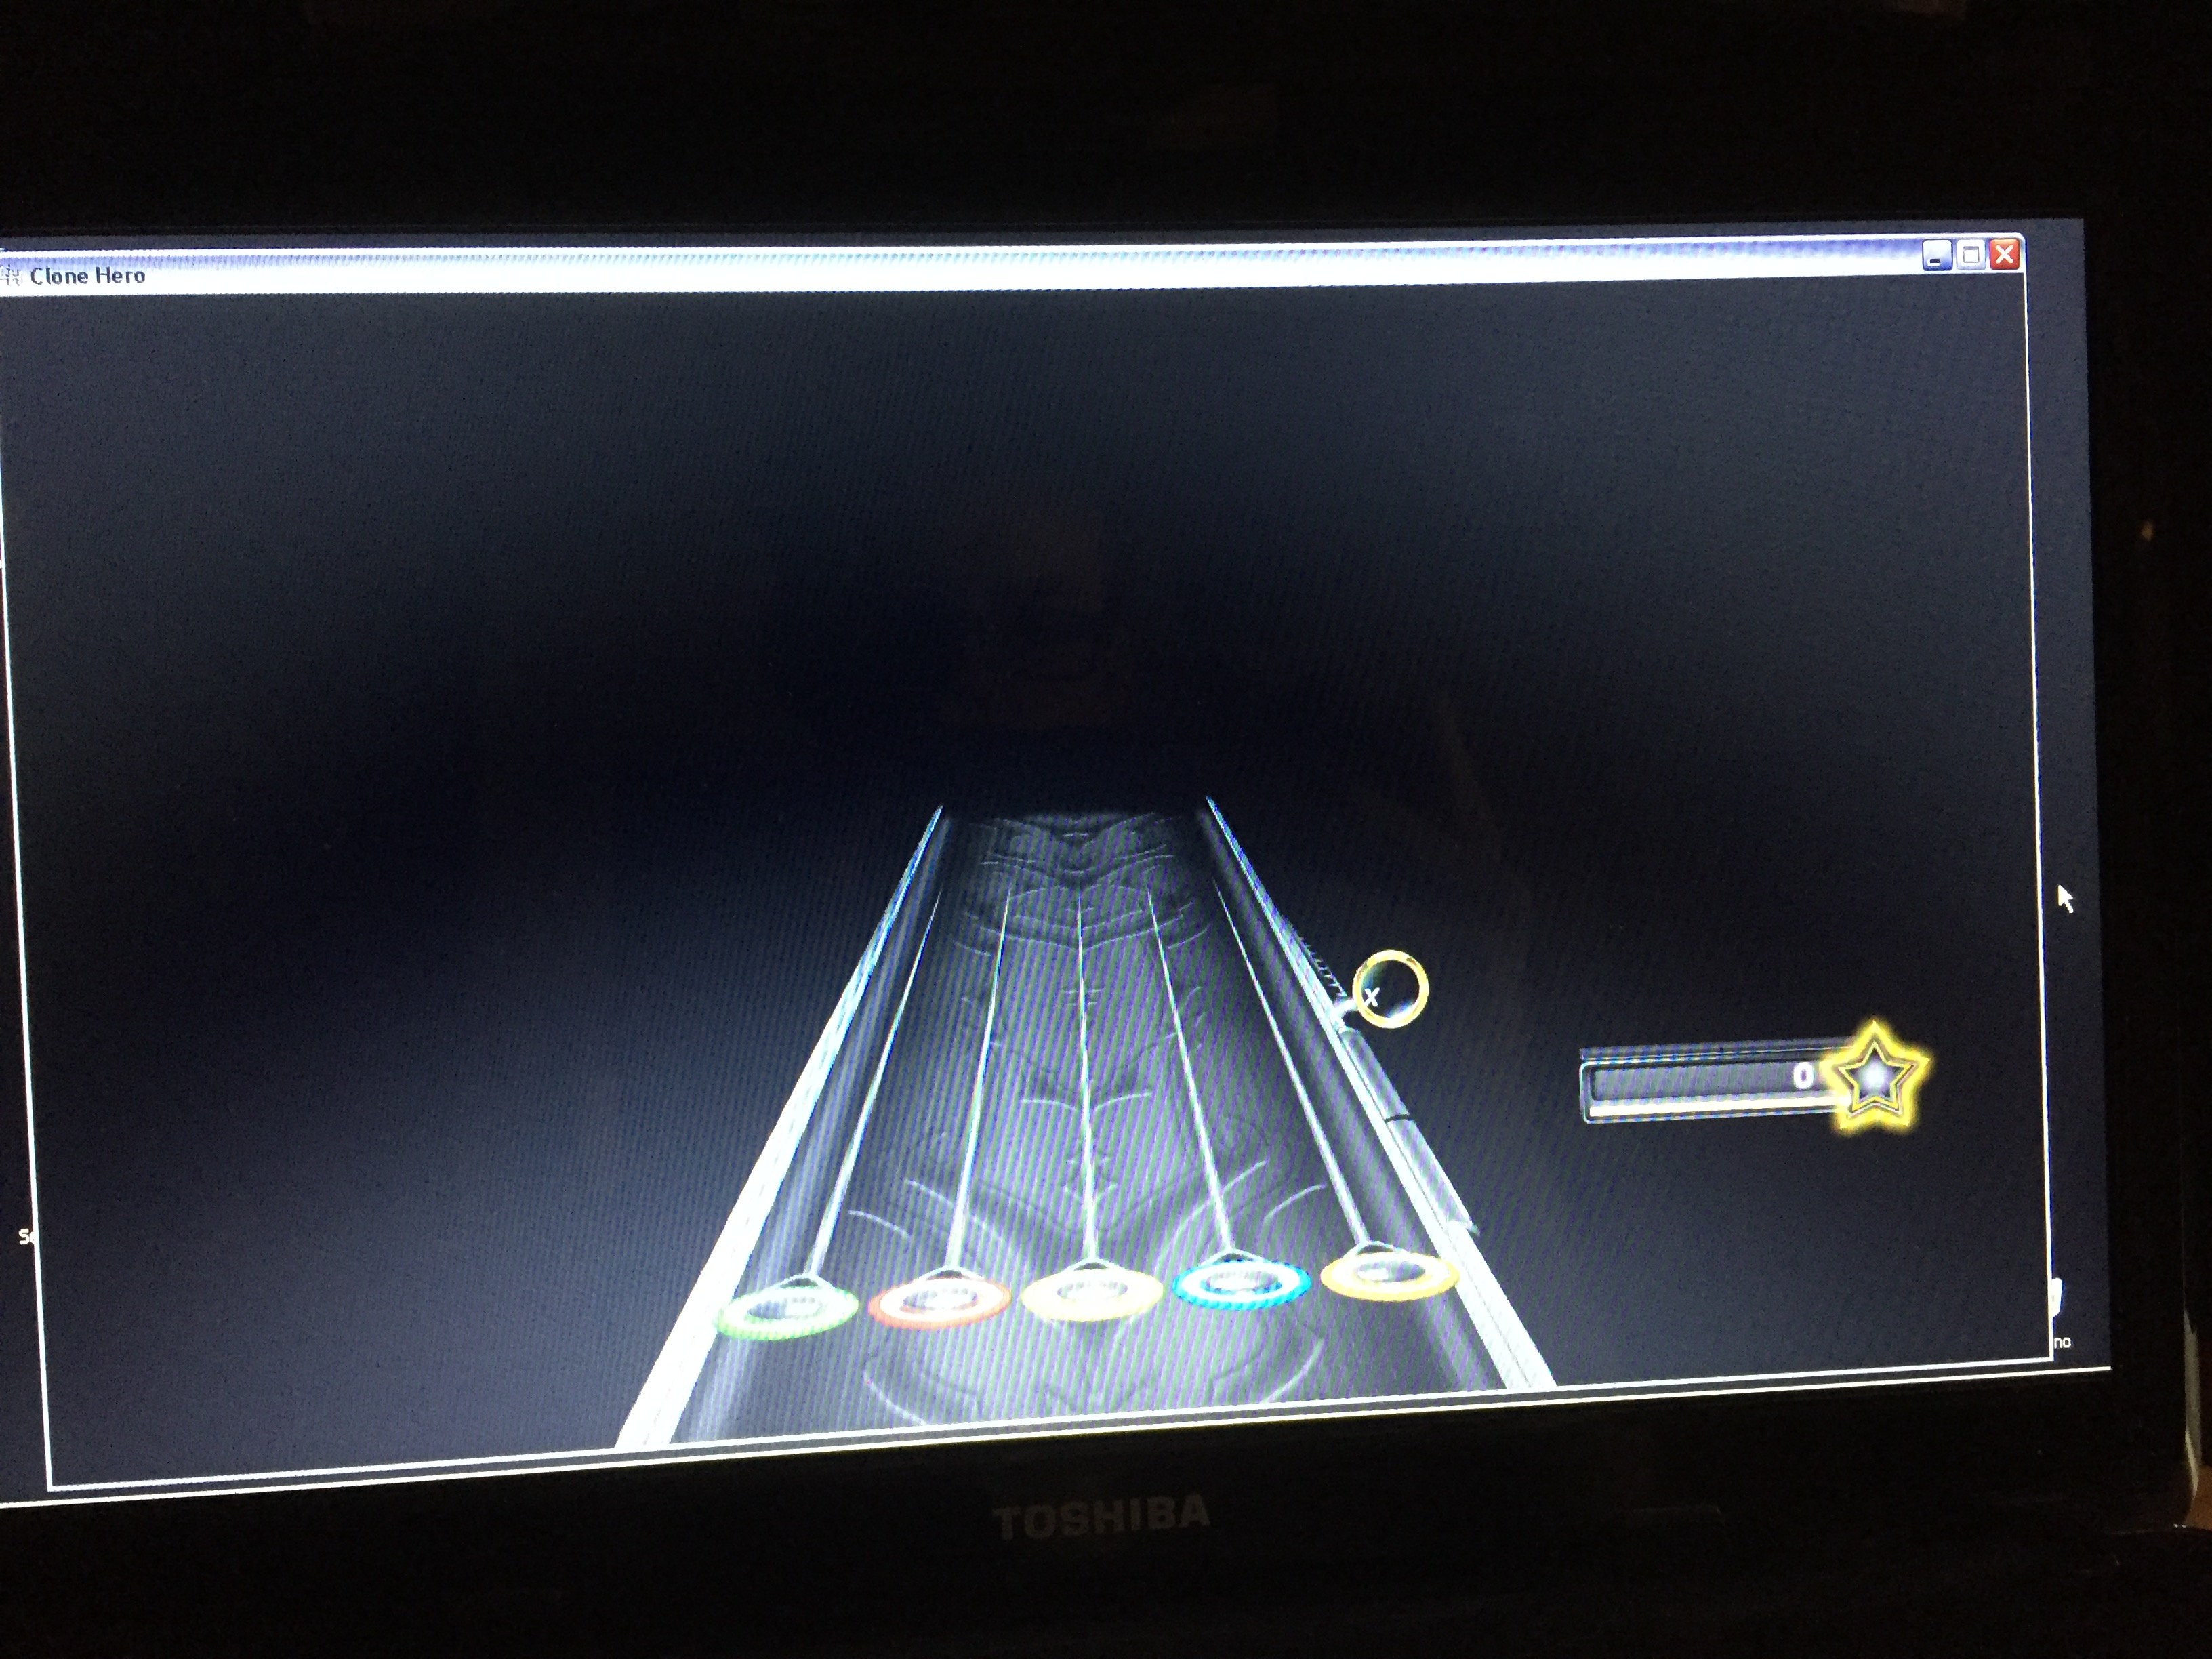 Clone Hero Highways Download